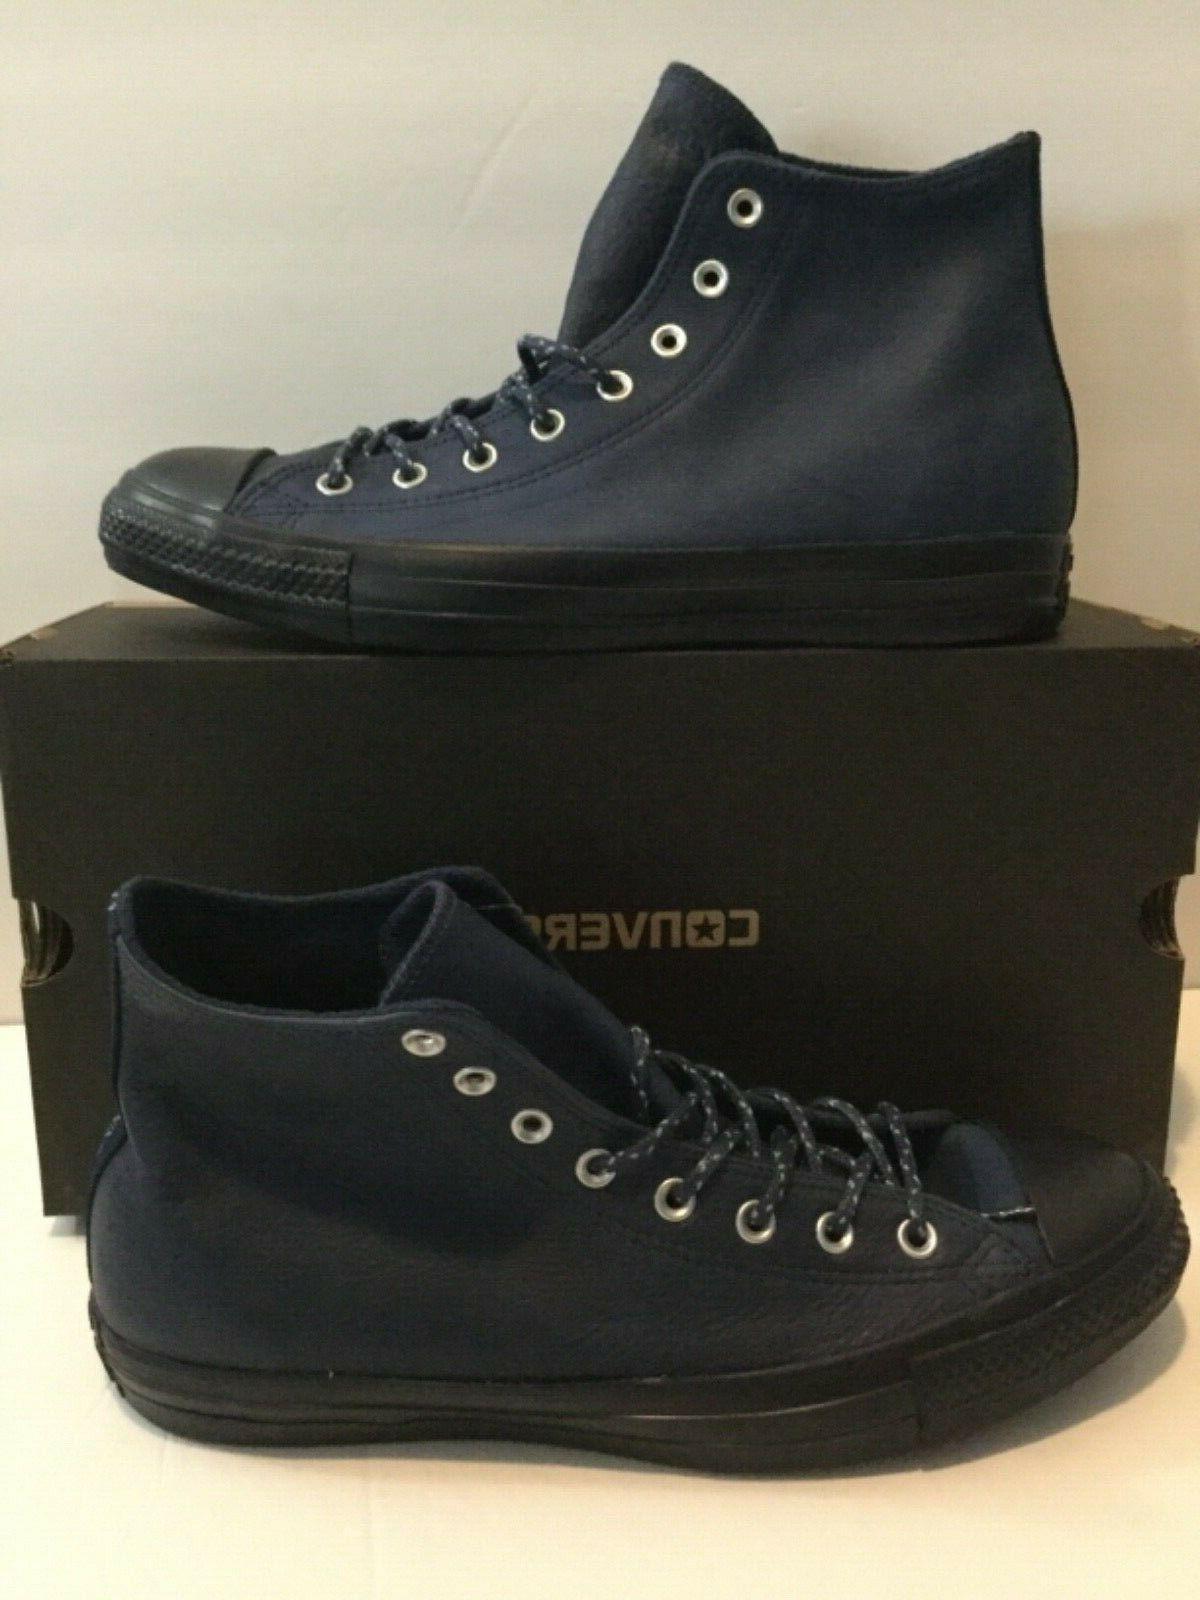 ctas hi shoes navy leather mens size